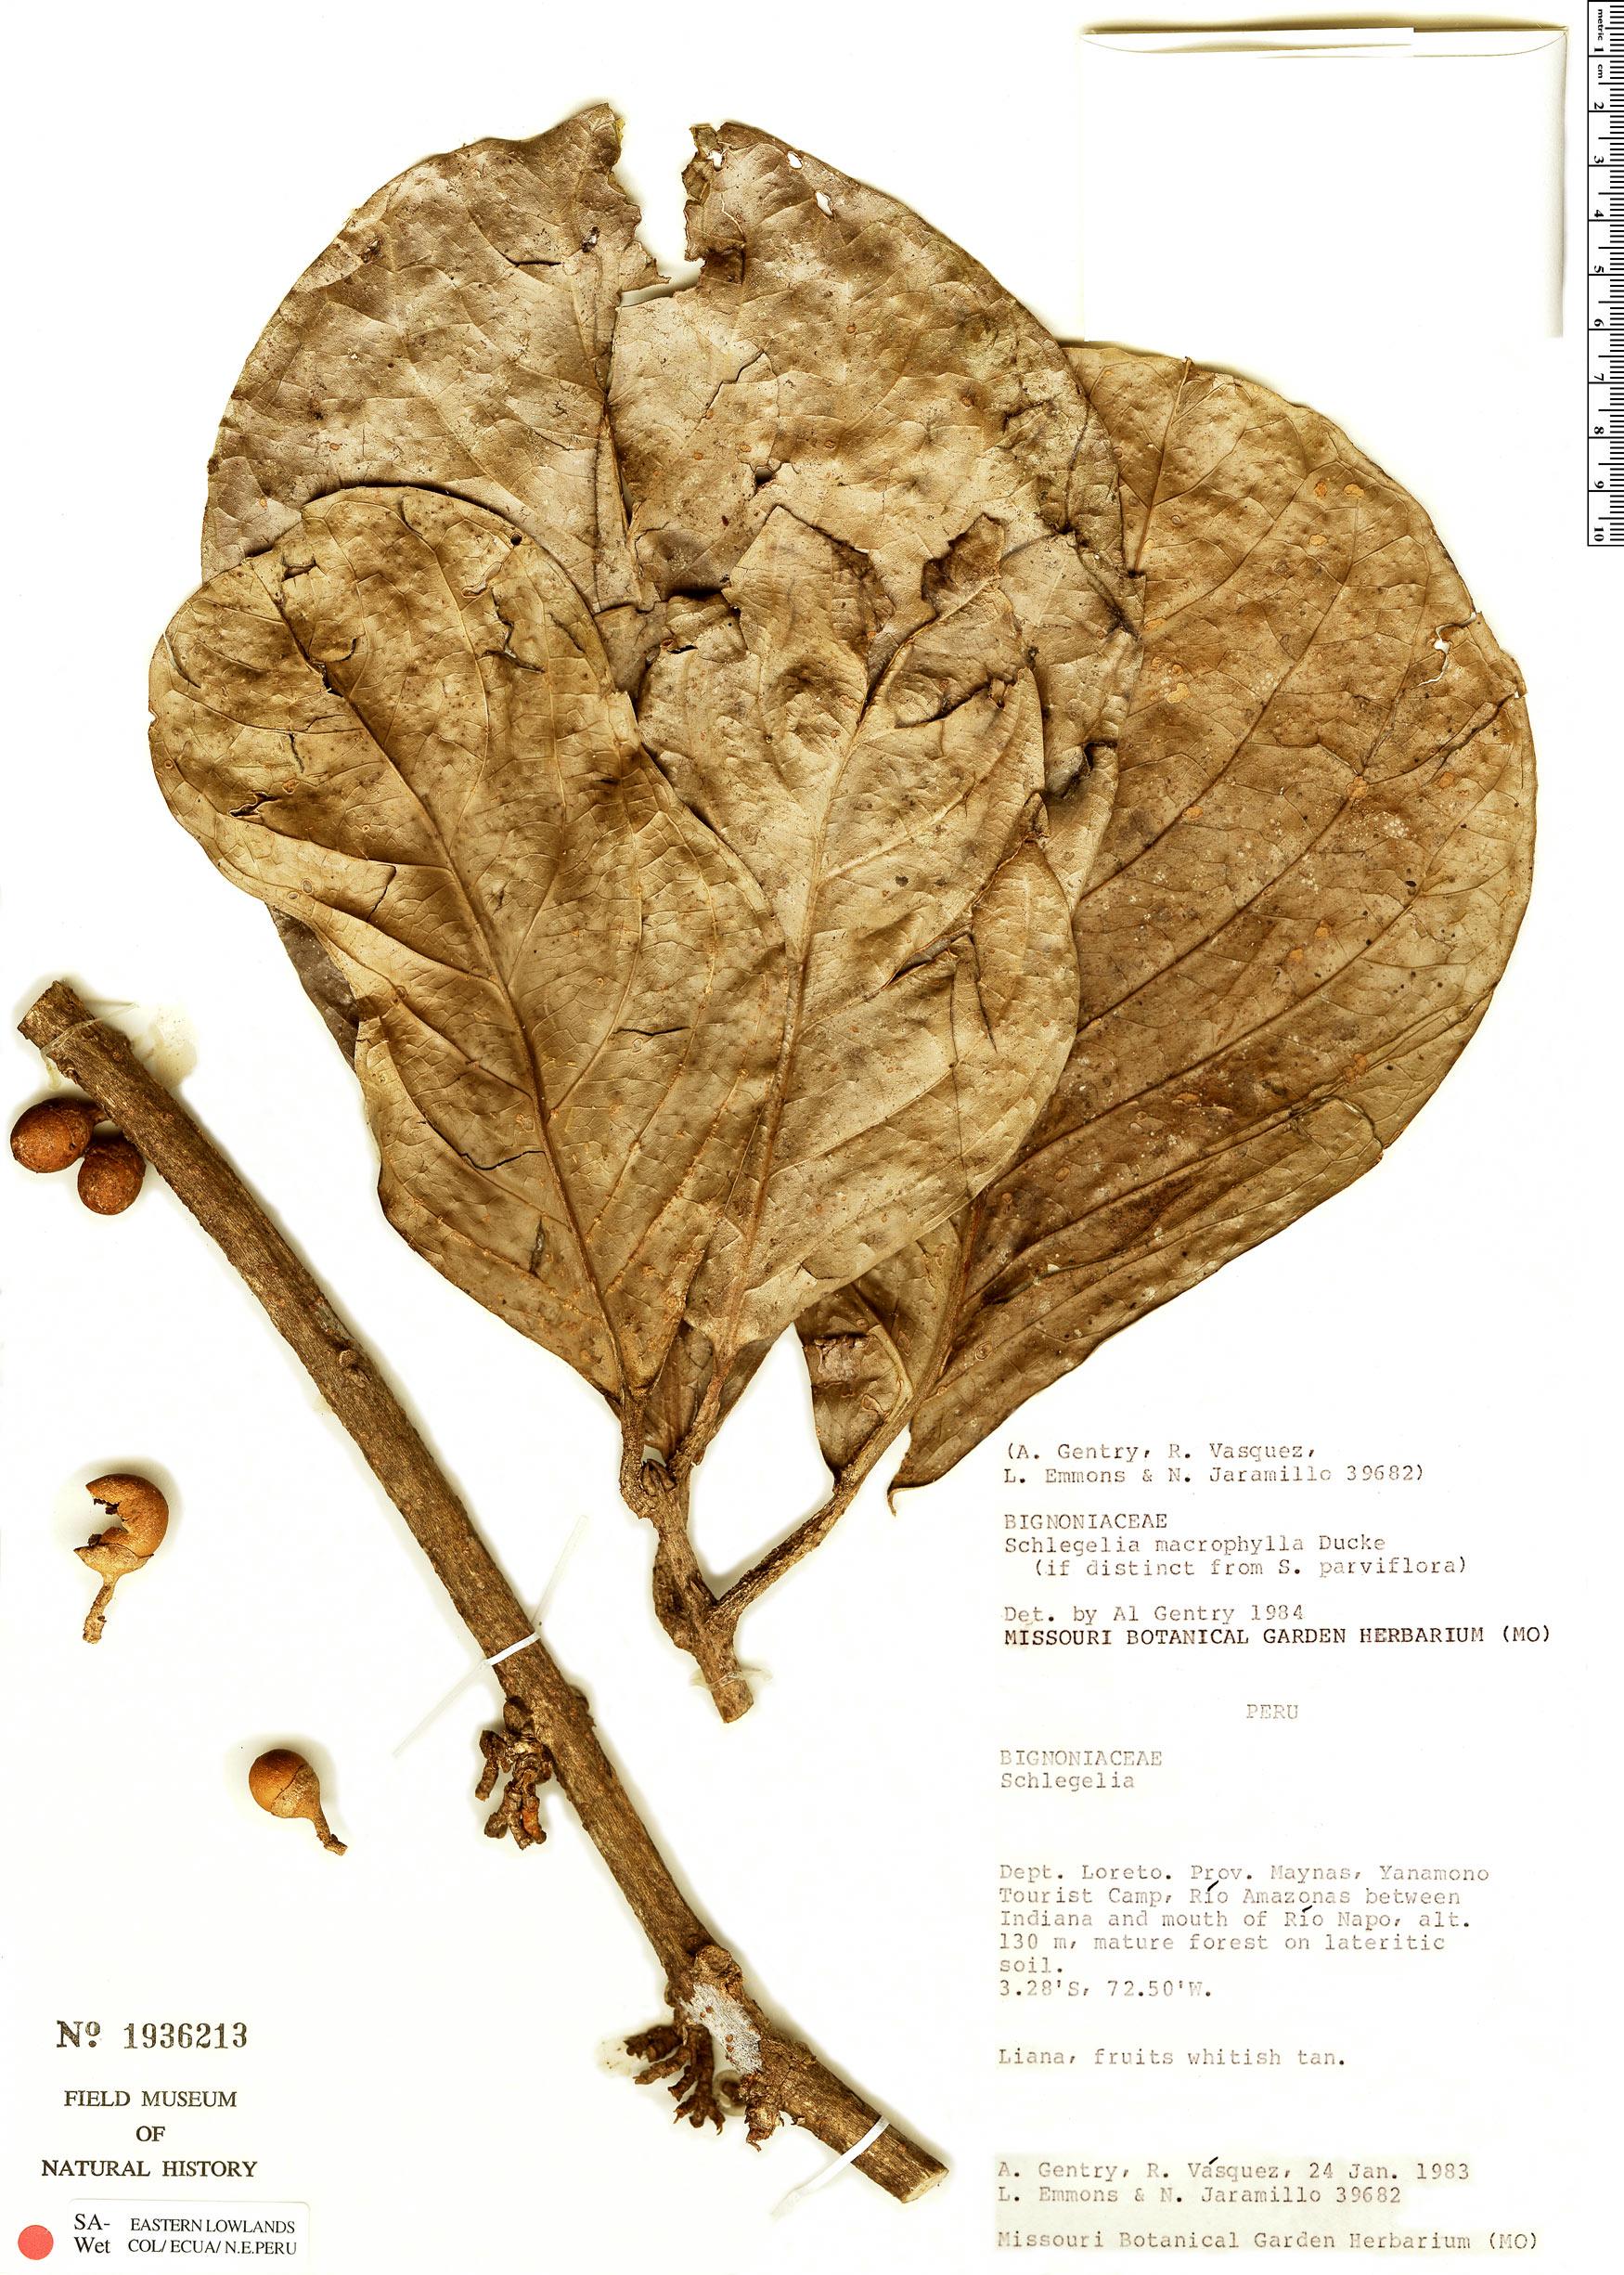 Specimen: Schlegelia macrophylla